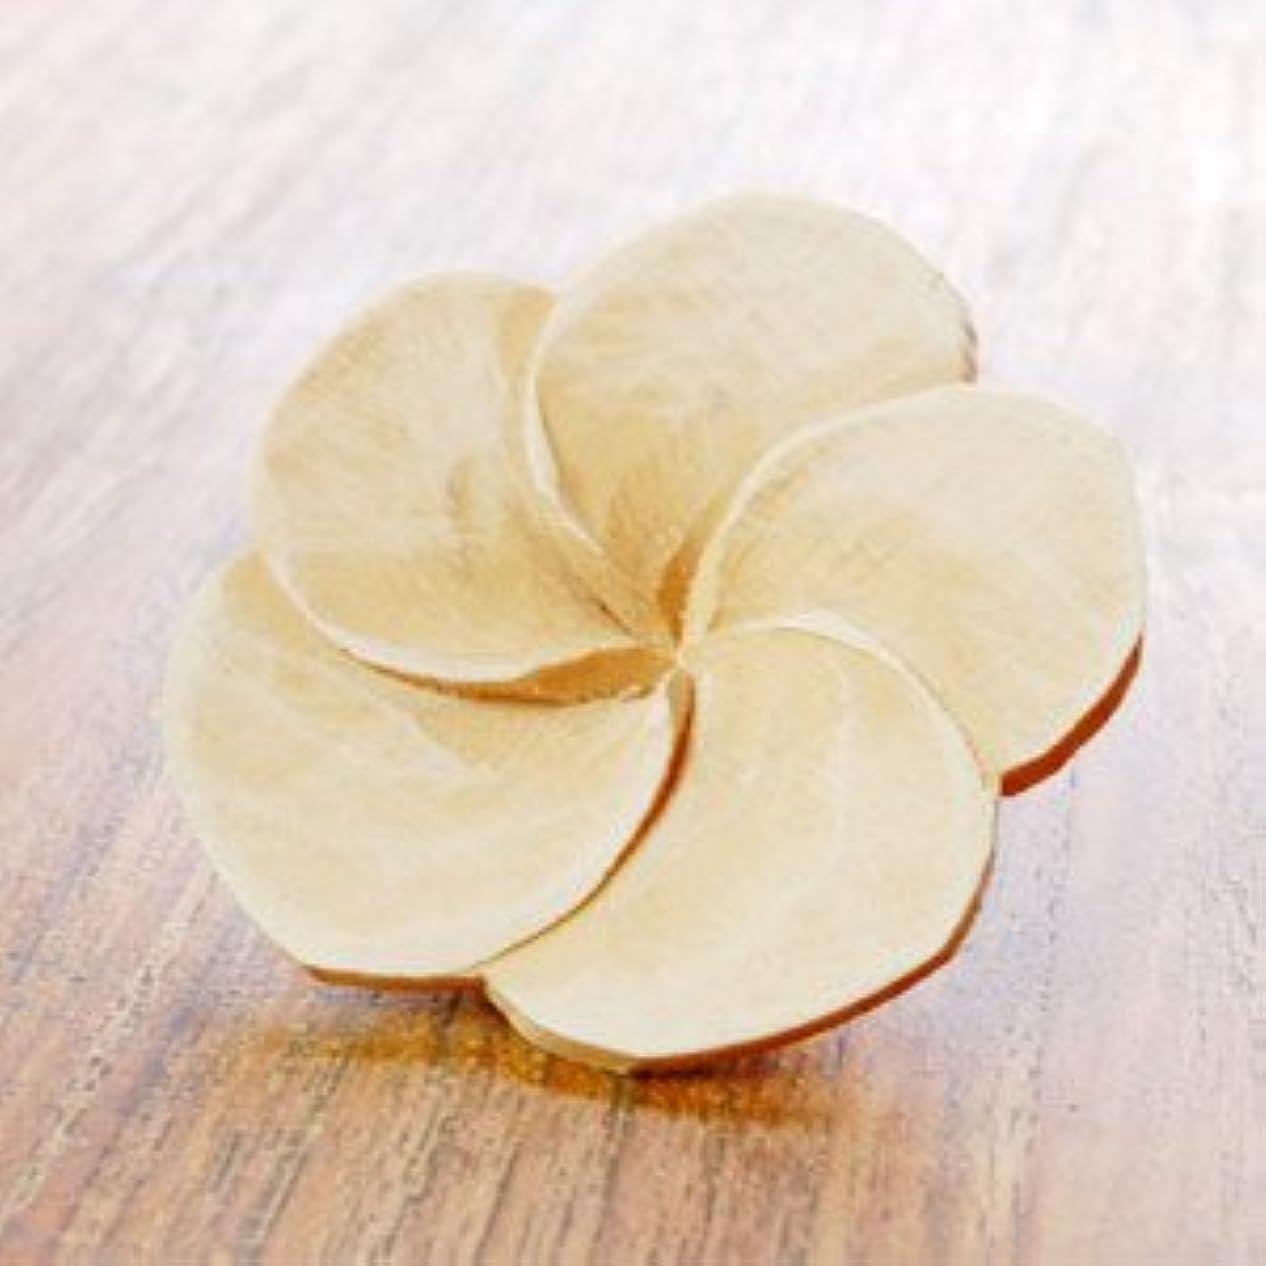 地震マイクロフォン日付付き【アジア工房】プルメリアの花びらをモチーフにした木製アロマフラワー[Aタイプ][10891] [並行輸入品]